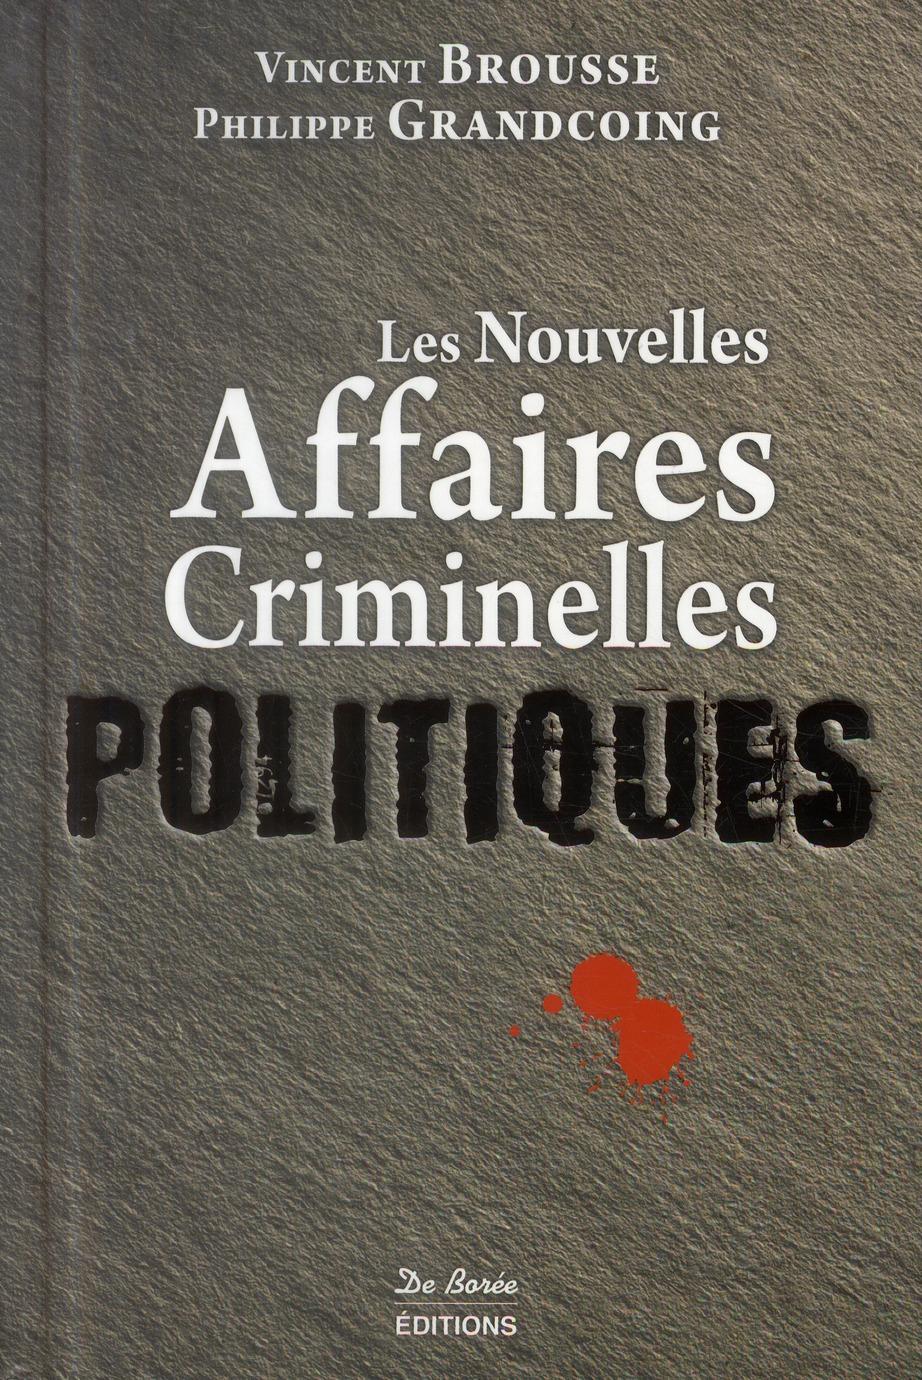 Les nouvelles affaires criminelles politiques